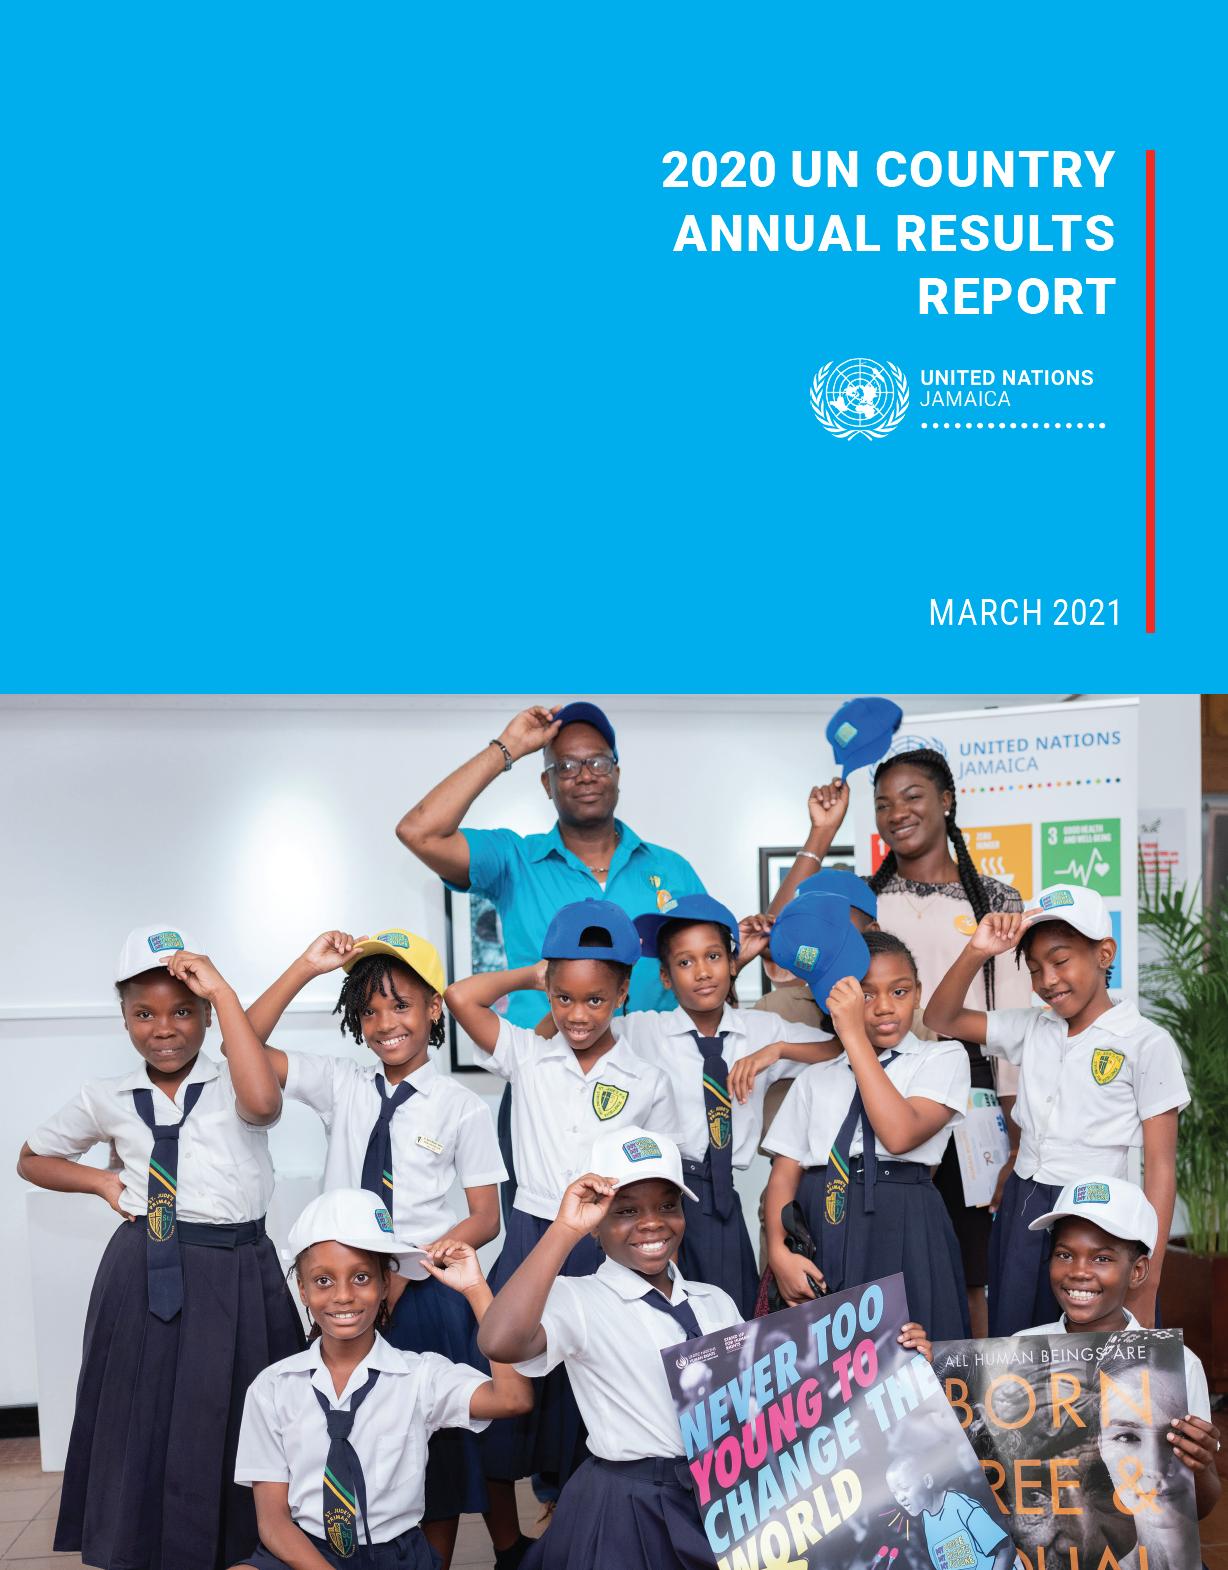 UN Jamaica Annual Results Report 2020